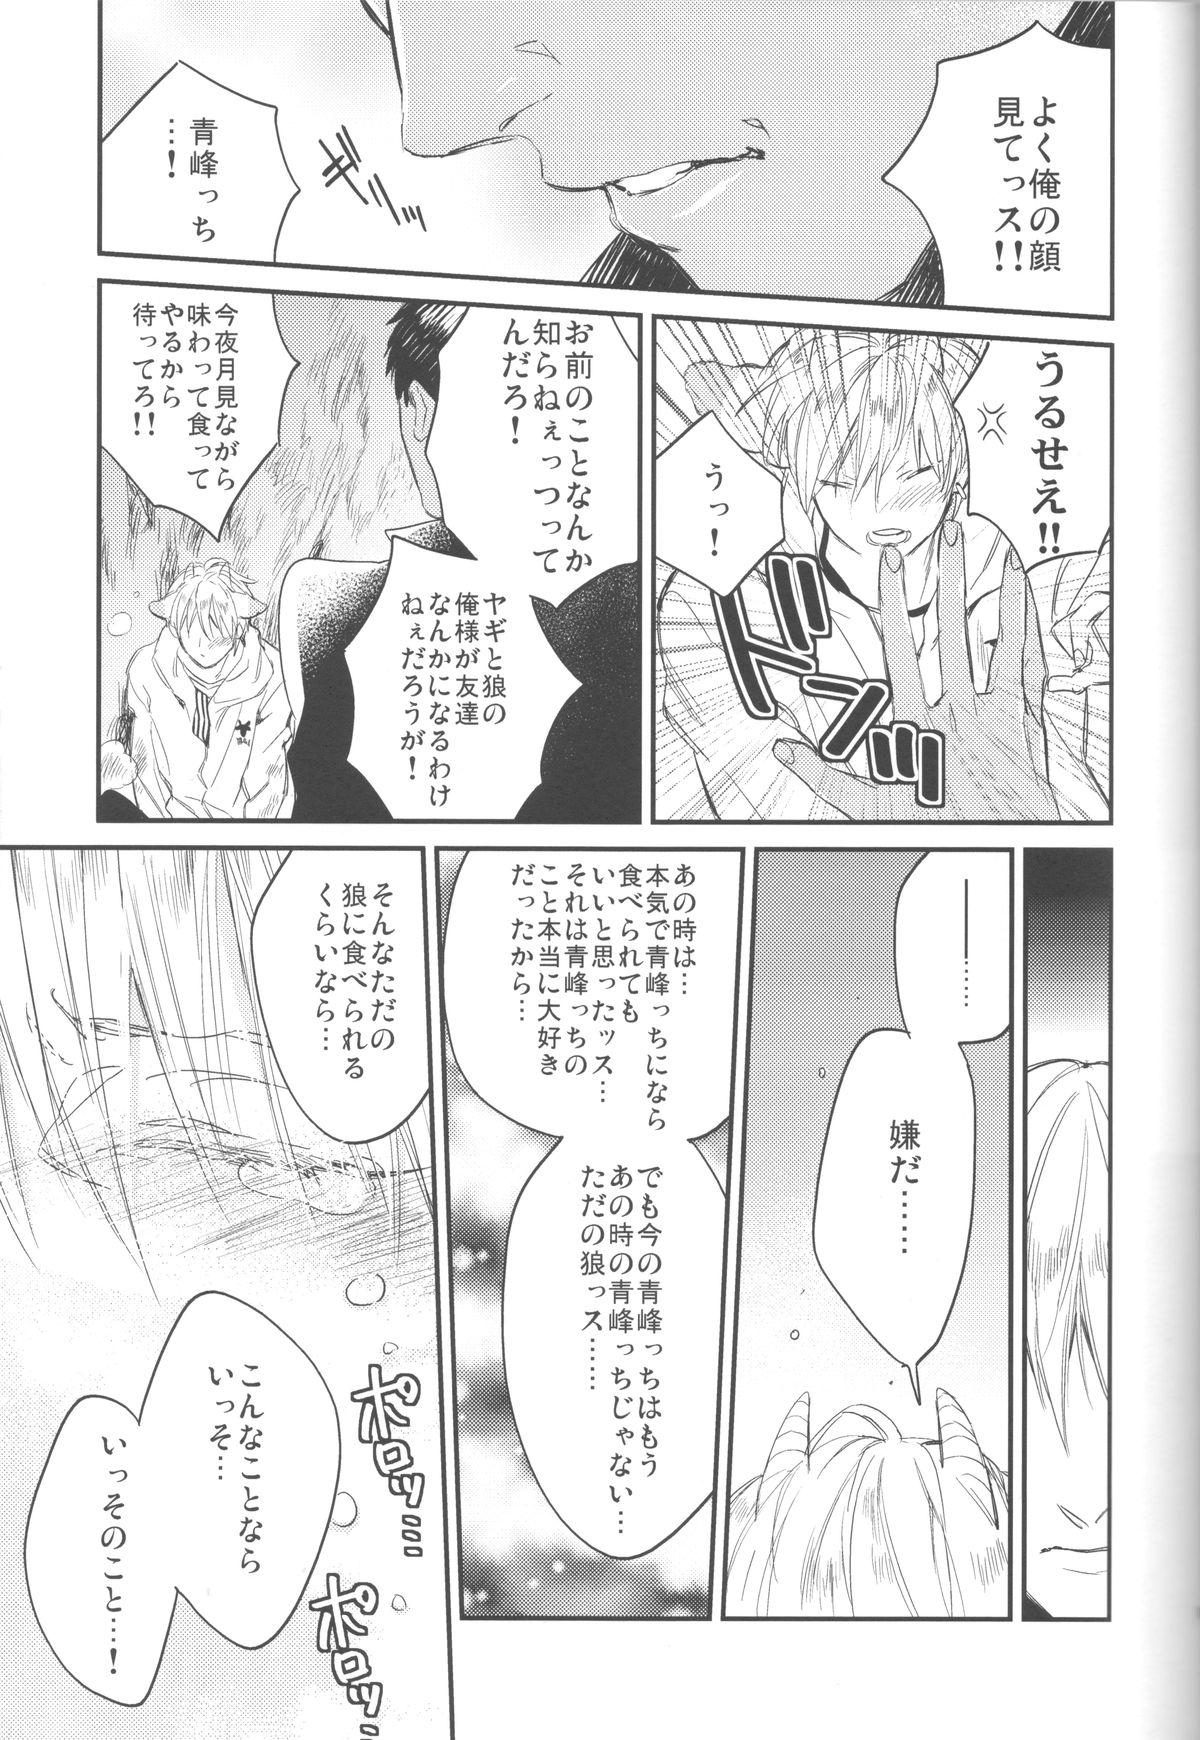 Tomodachi na noni Oishisou 17